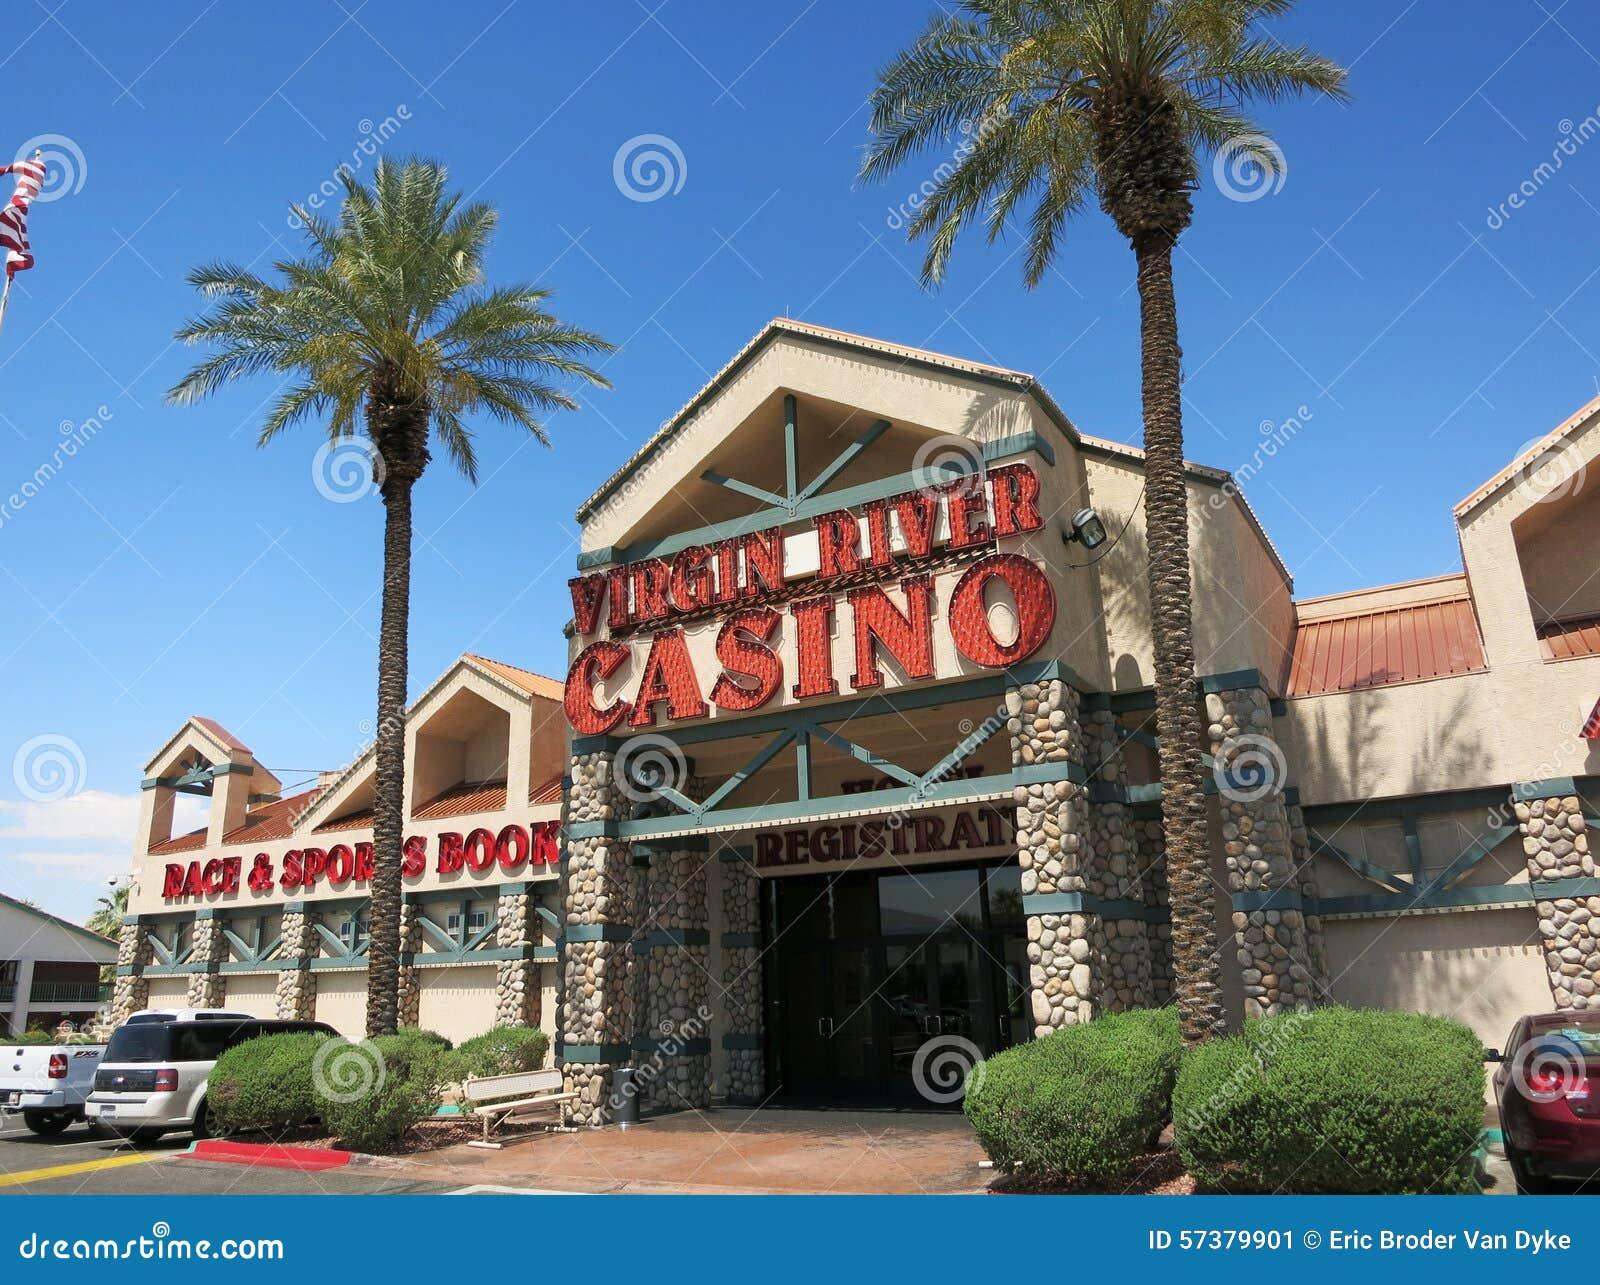 Virgin river casino mesquite nv